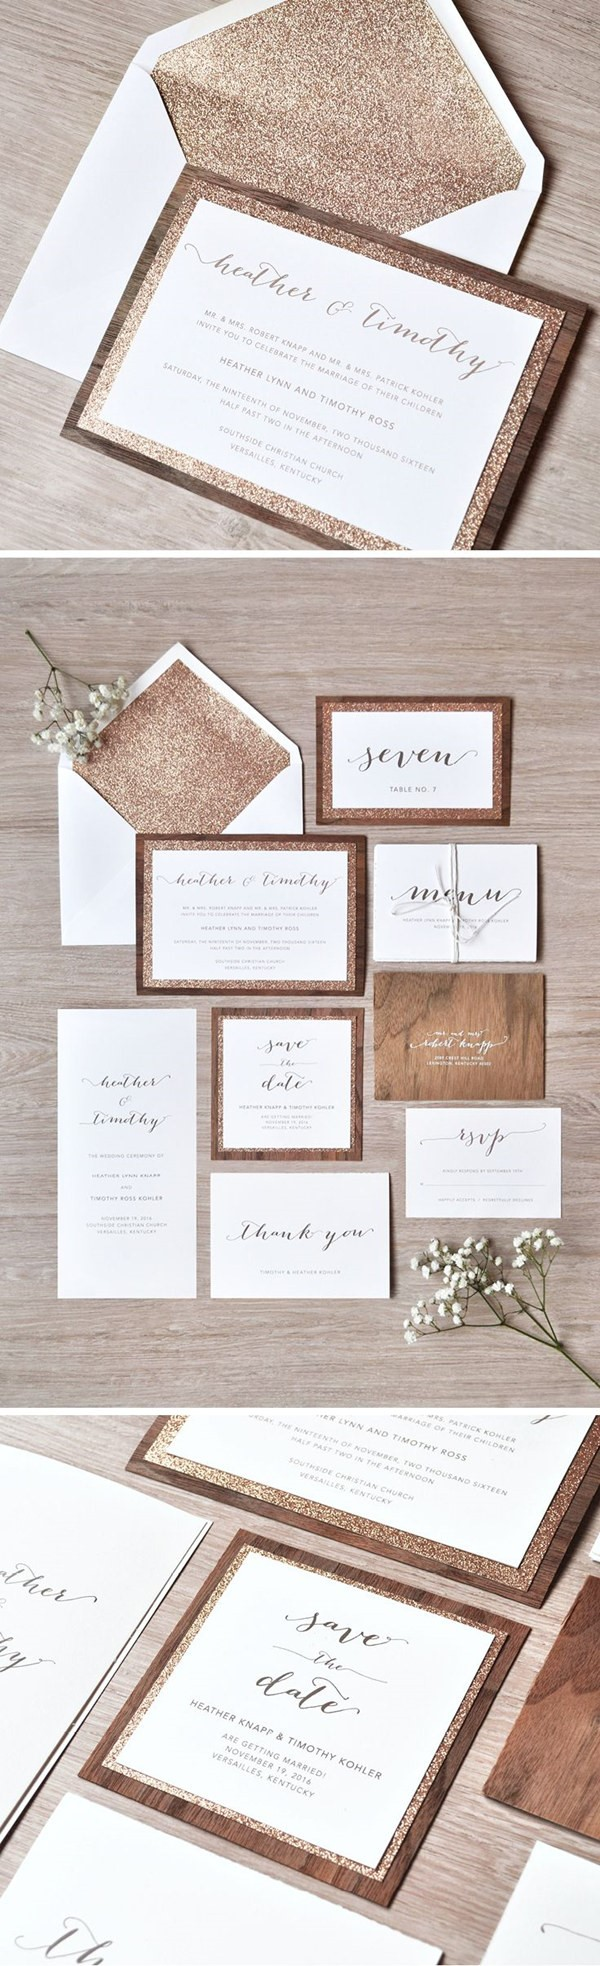 Sử dụng chất liệu lấp lánh ánh kim loại đang là xu hướng mùa cưới 2016 đấy!